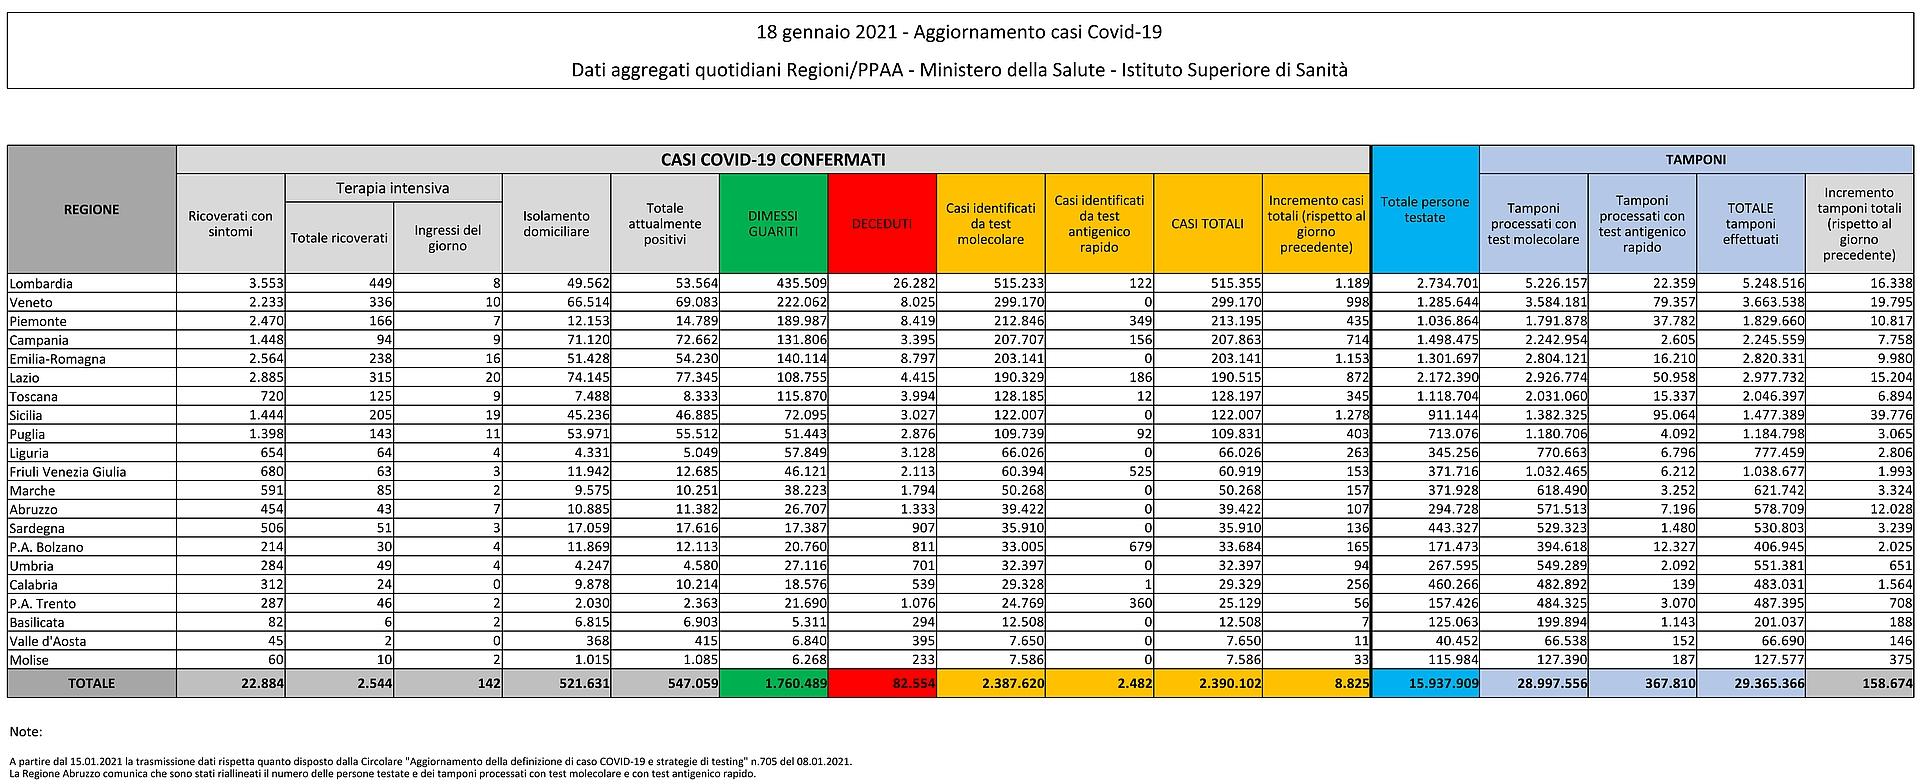 18 gennaio 2021 - Aggiornamento casi Covid-19 Dati aggregati quotidiani Regioni/PPAA - Ministero della Salute - Istituto Superiore di Sanità